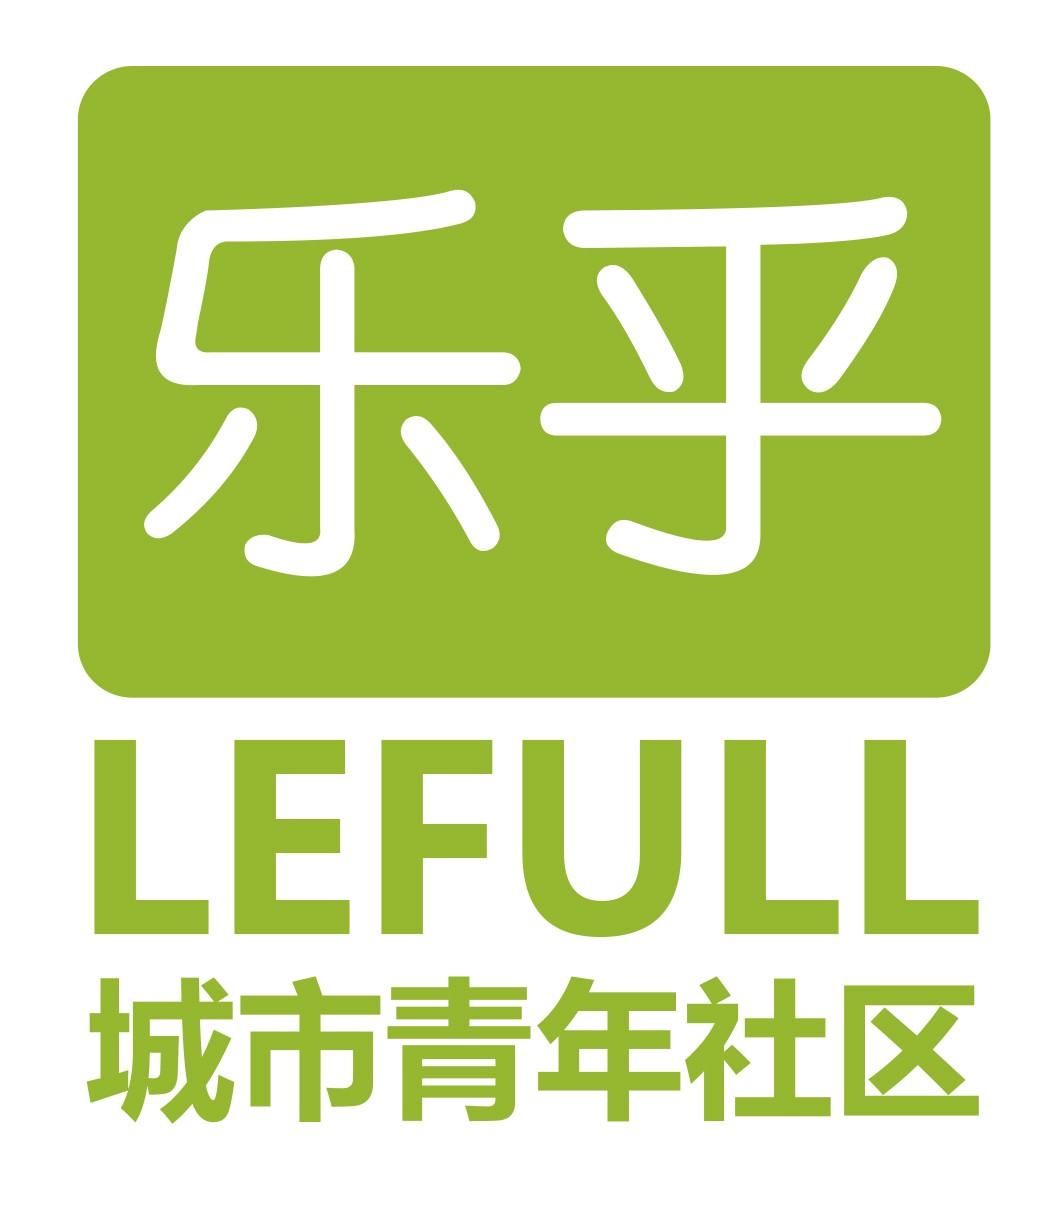 logo logo 标志 设计 矢量 矢量图 素材 图标 1056_1220